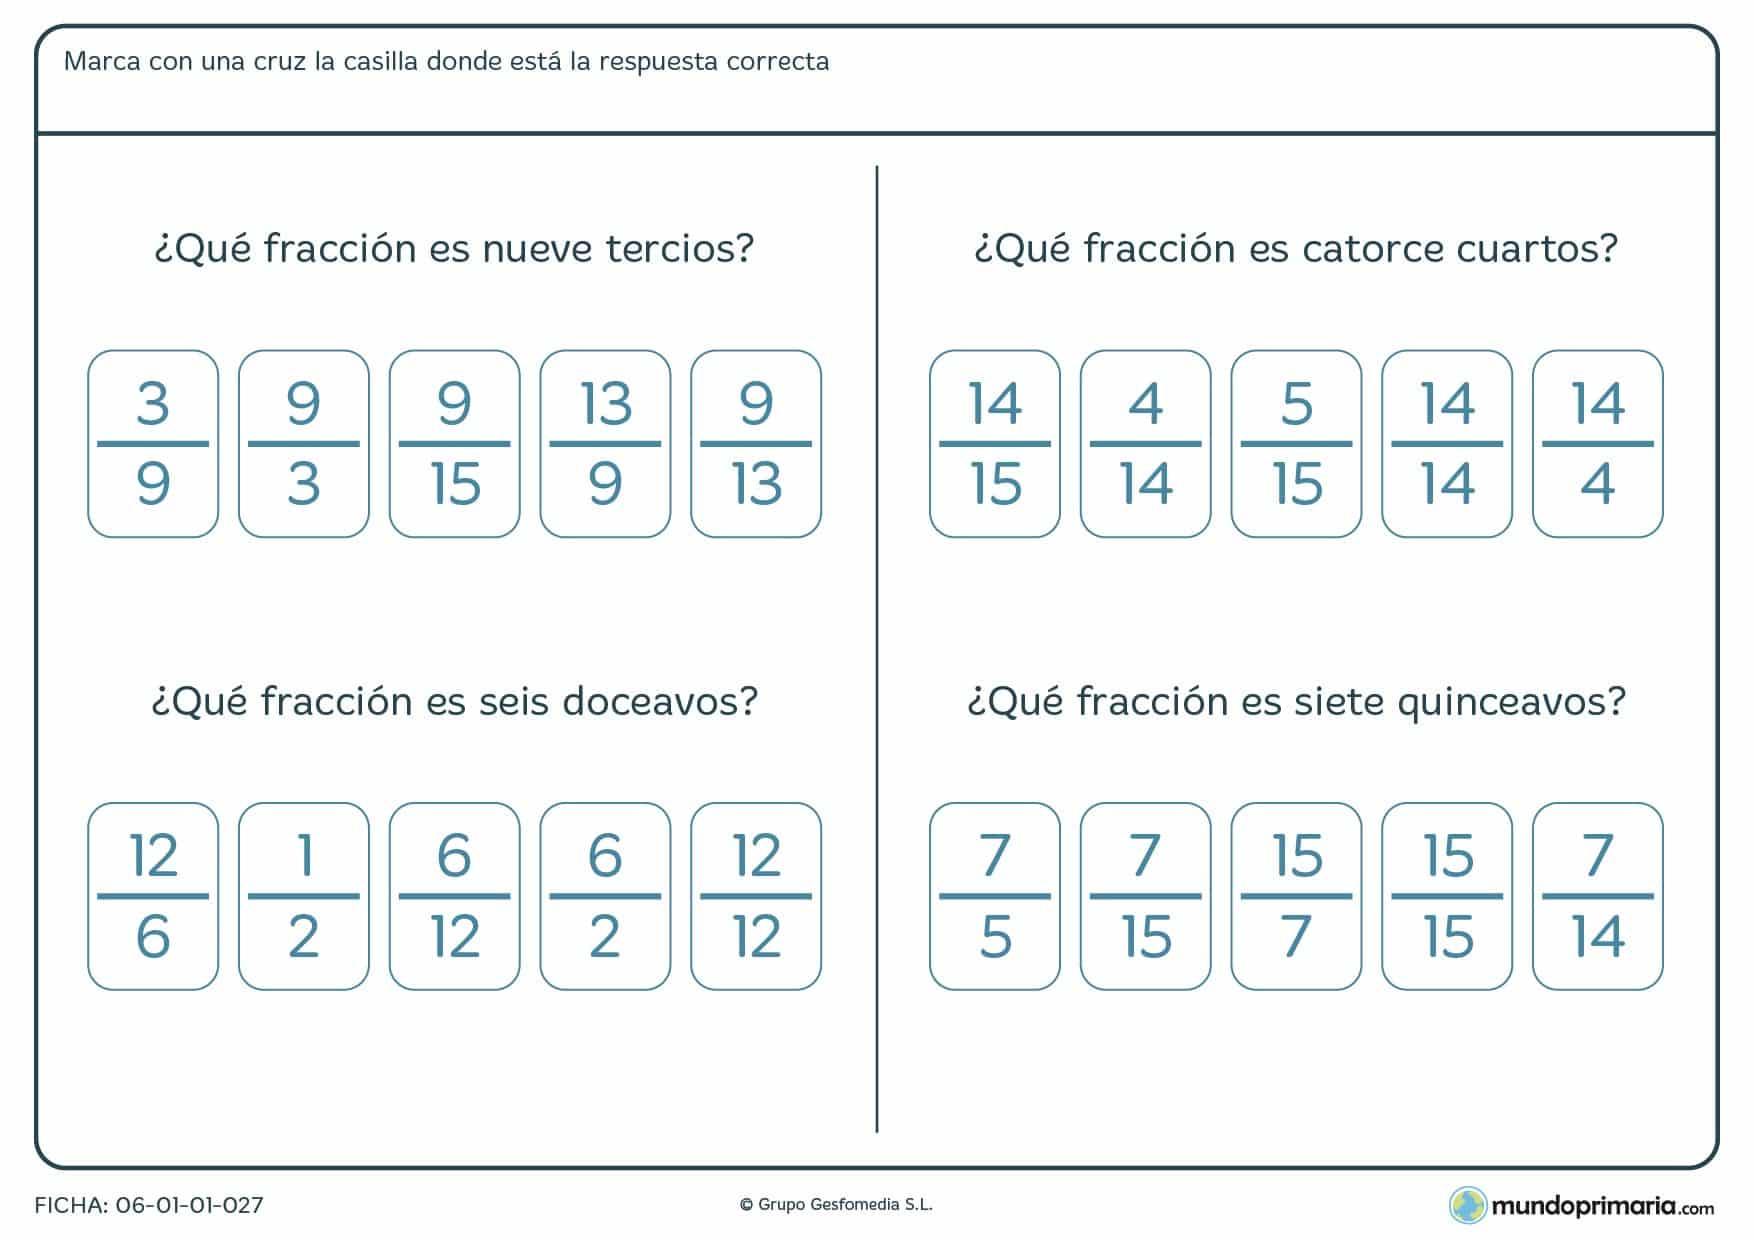 Ficha de qué fracción hablamos. Marca con una X la fracción numérica correspondiente a la del enunciado.